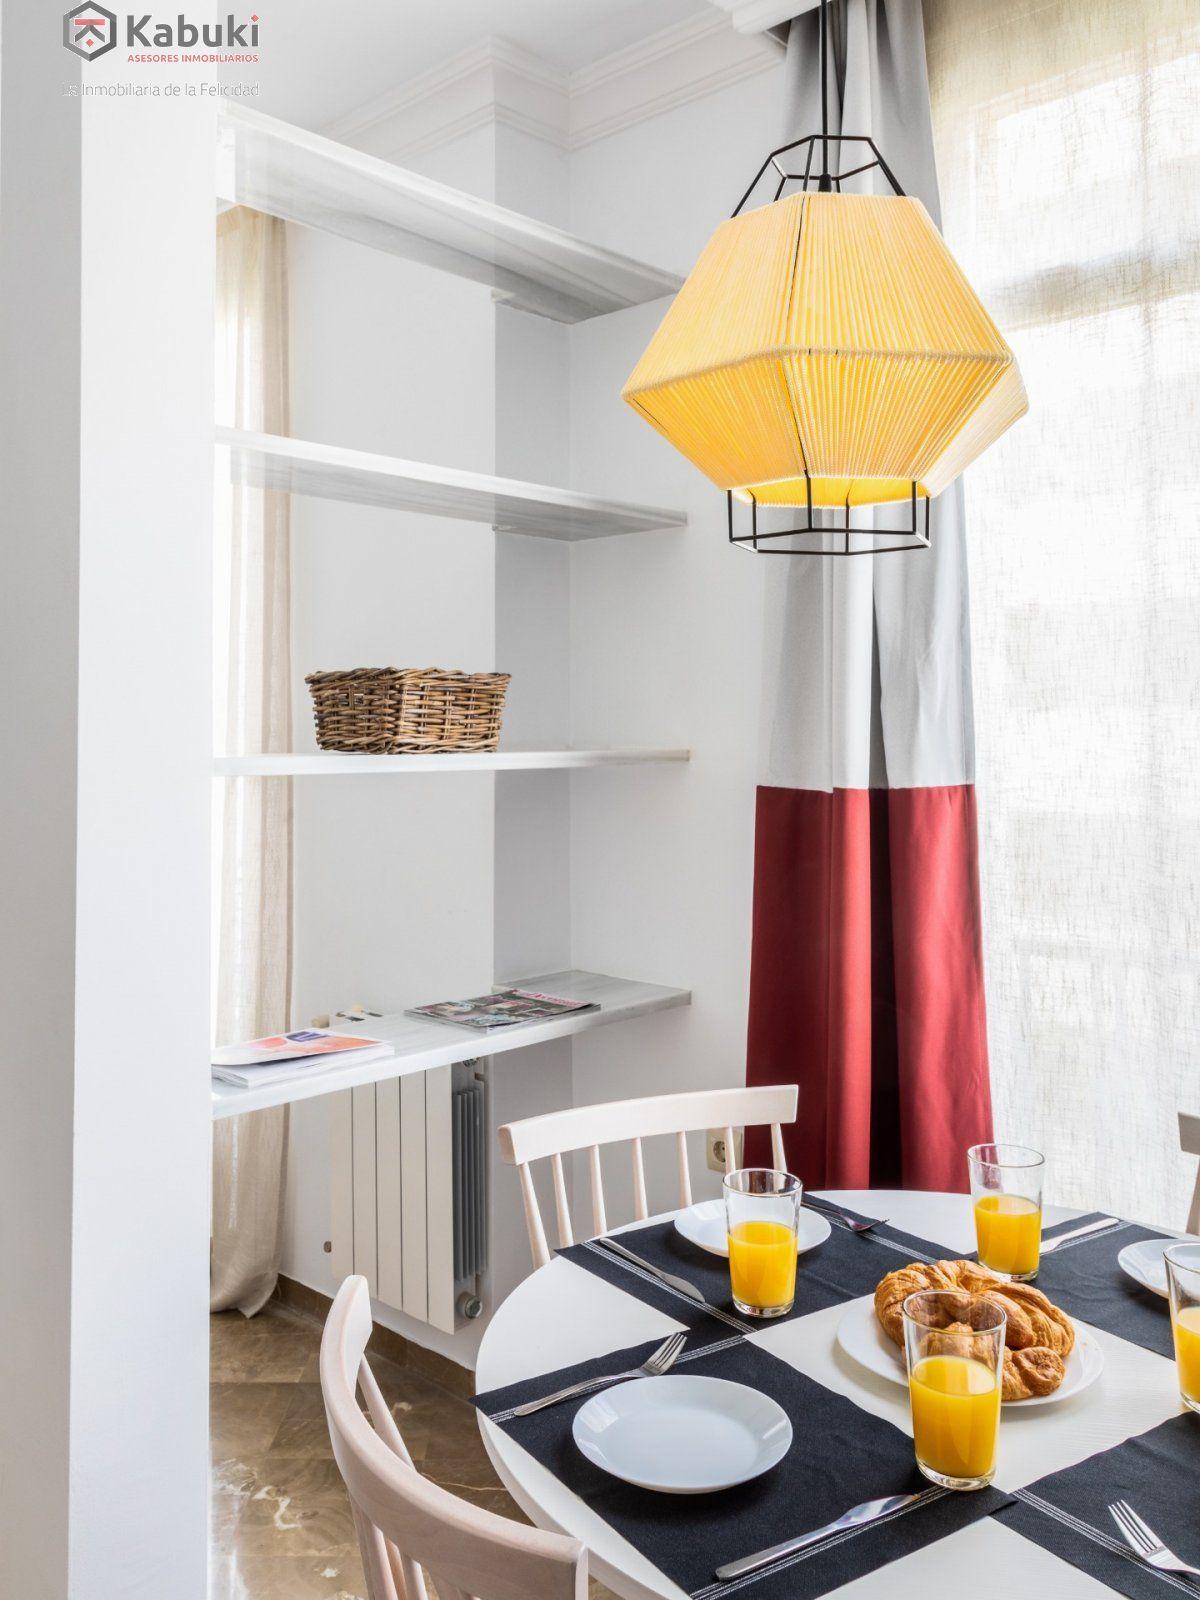 Magnífico inmueble de dos dormitorios en gran via. de estilo moderno, sentirás todo el con - imagenInmueble5